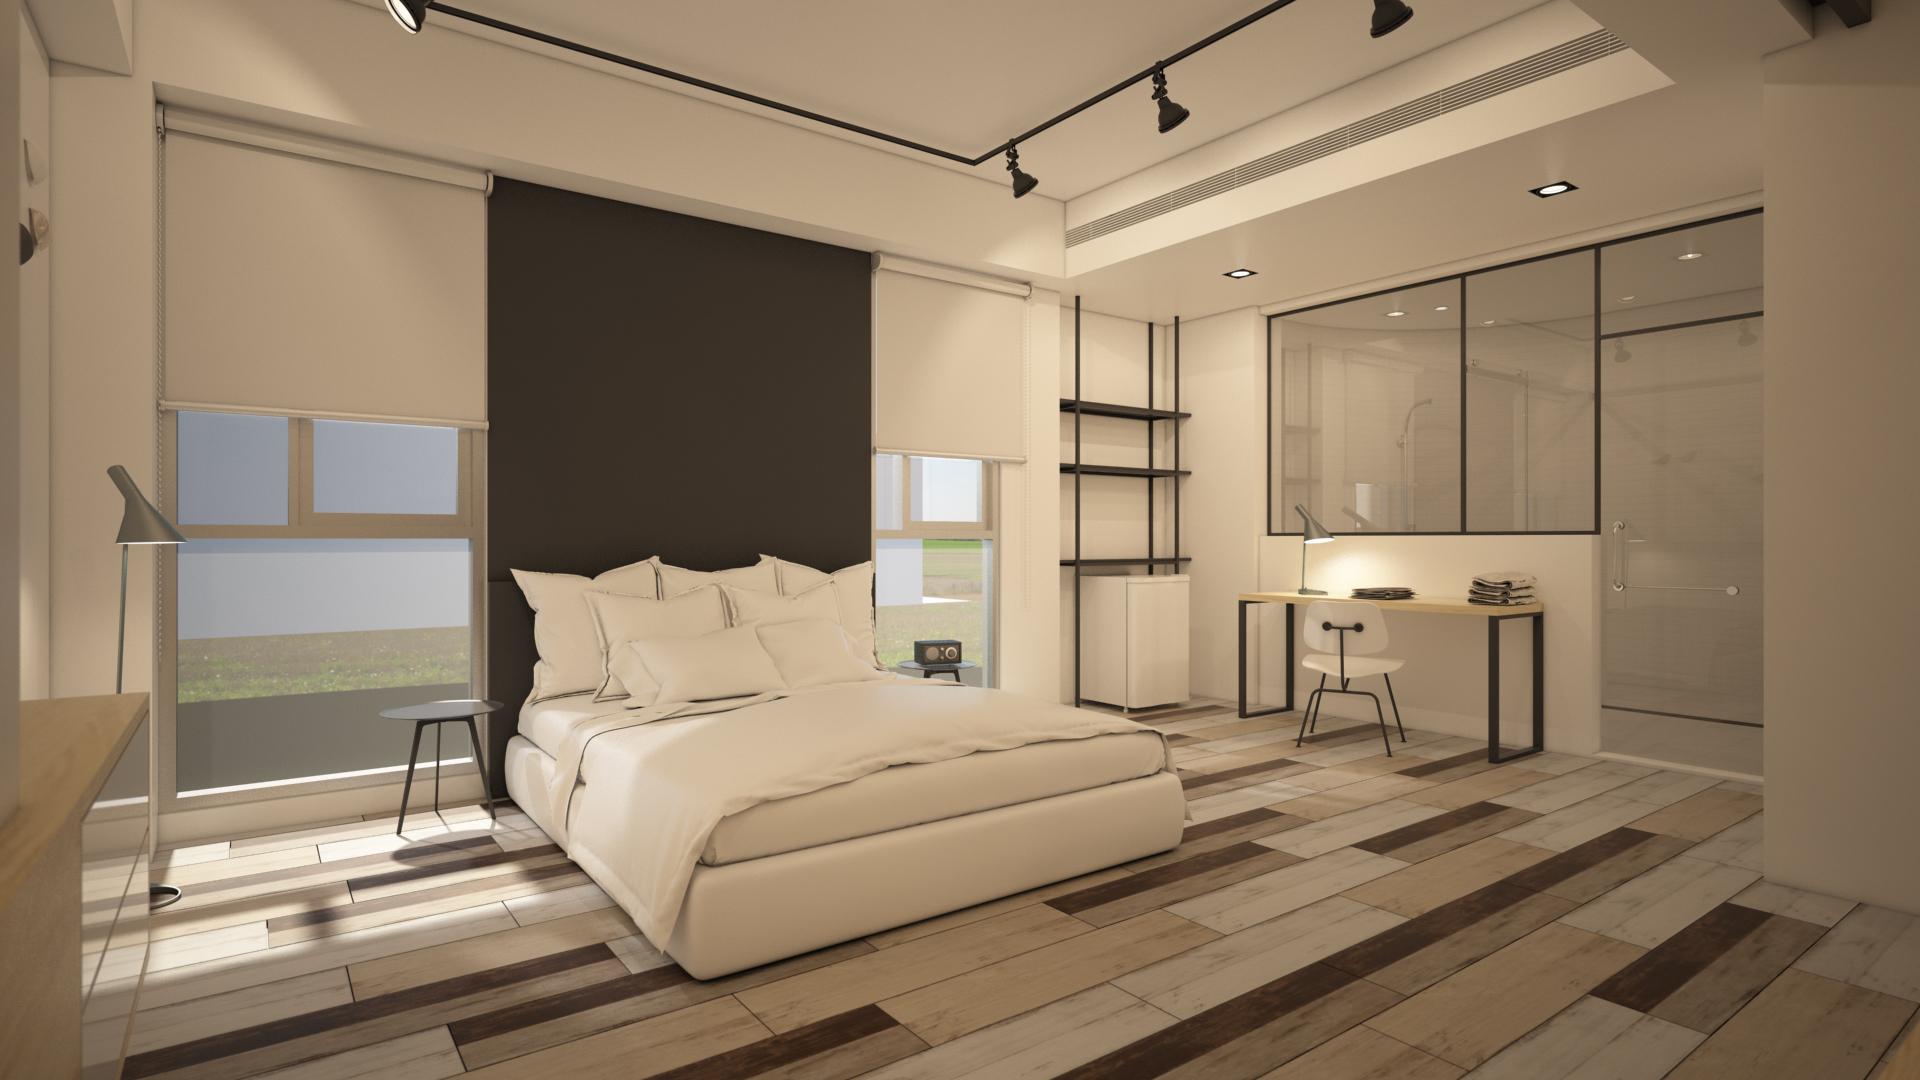 台南民宿設計,旅館設計,飯店設計,商業空間設計